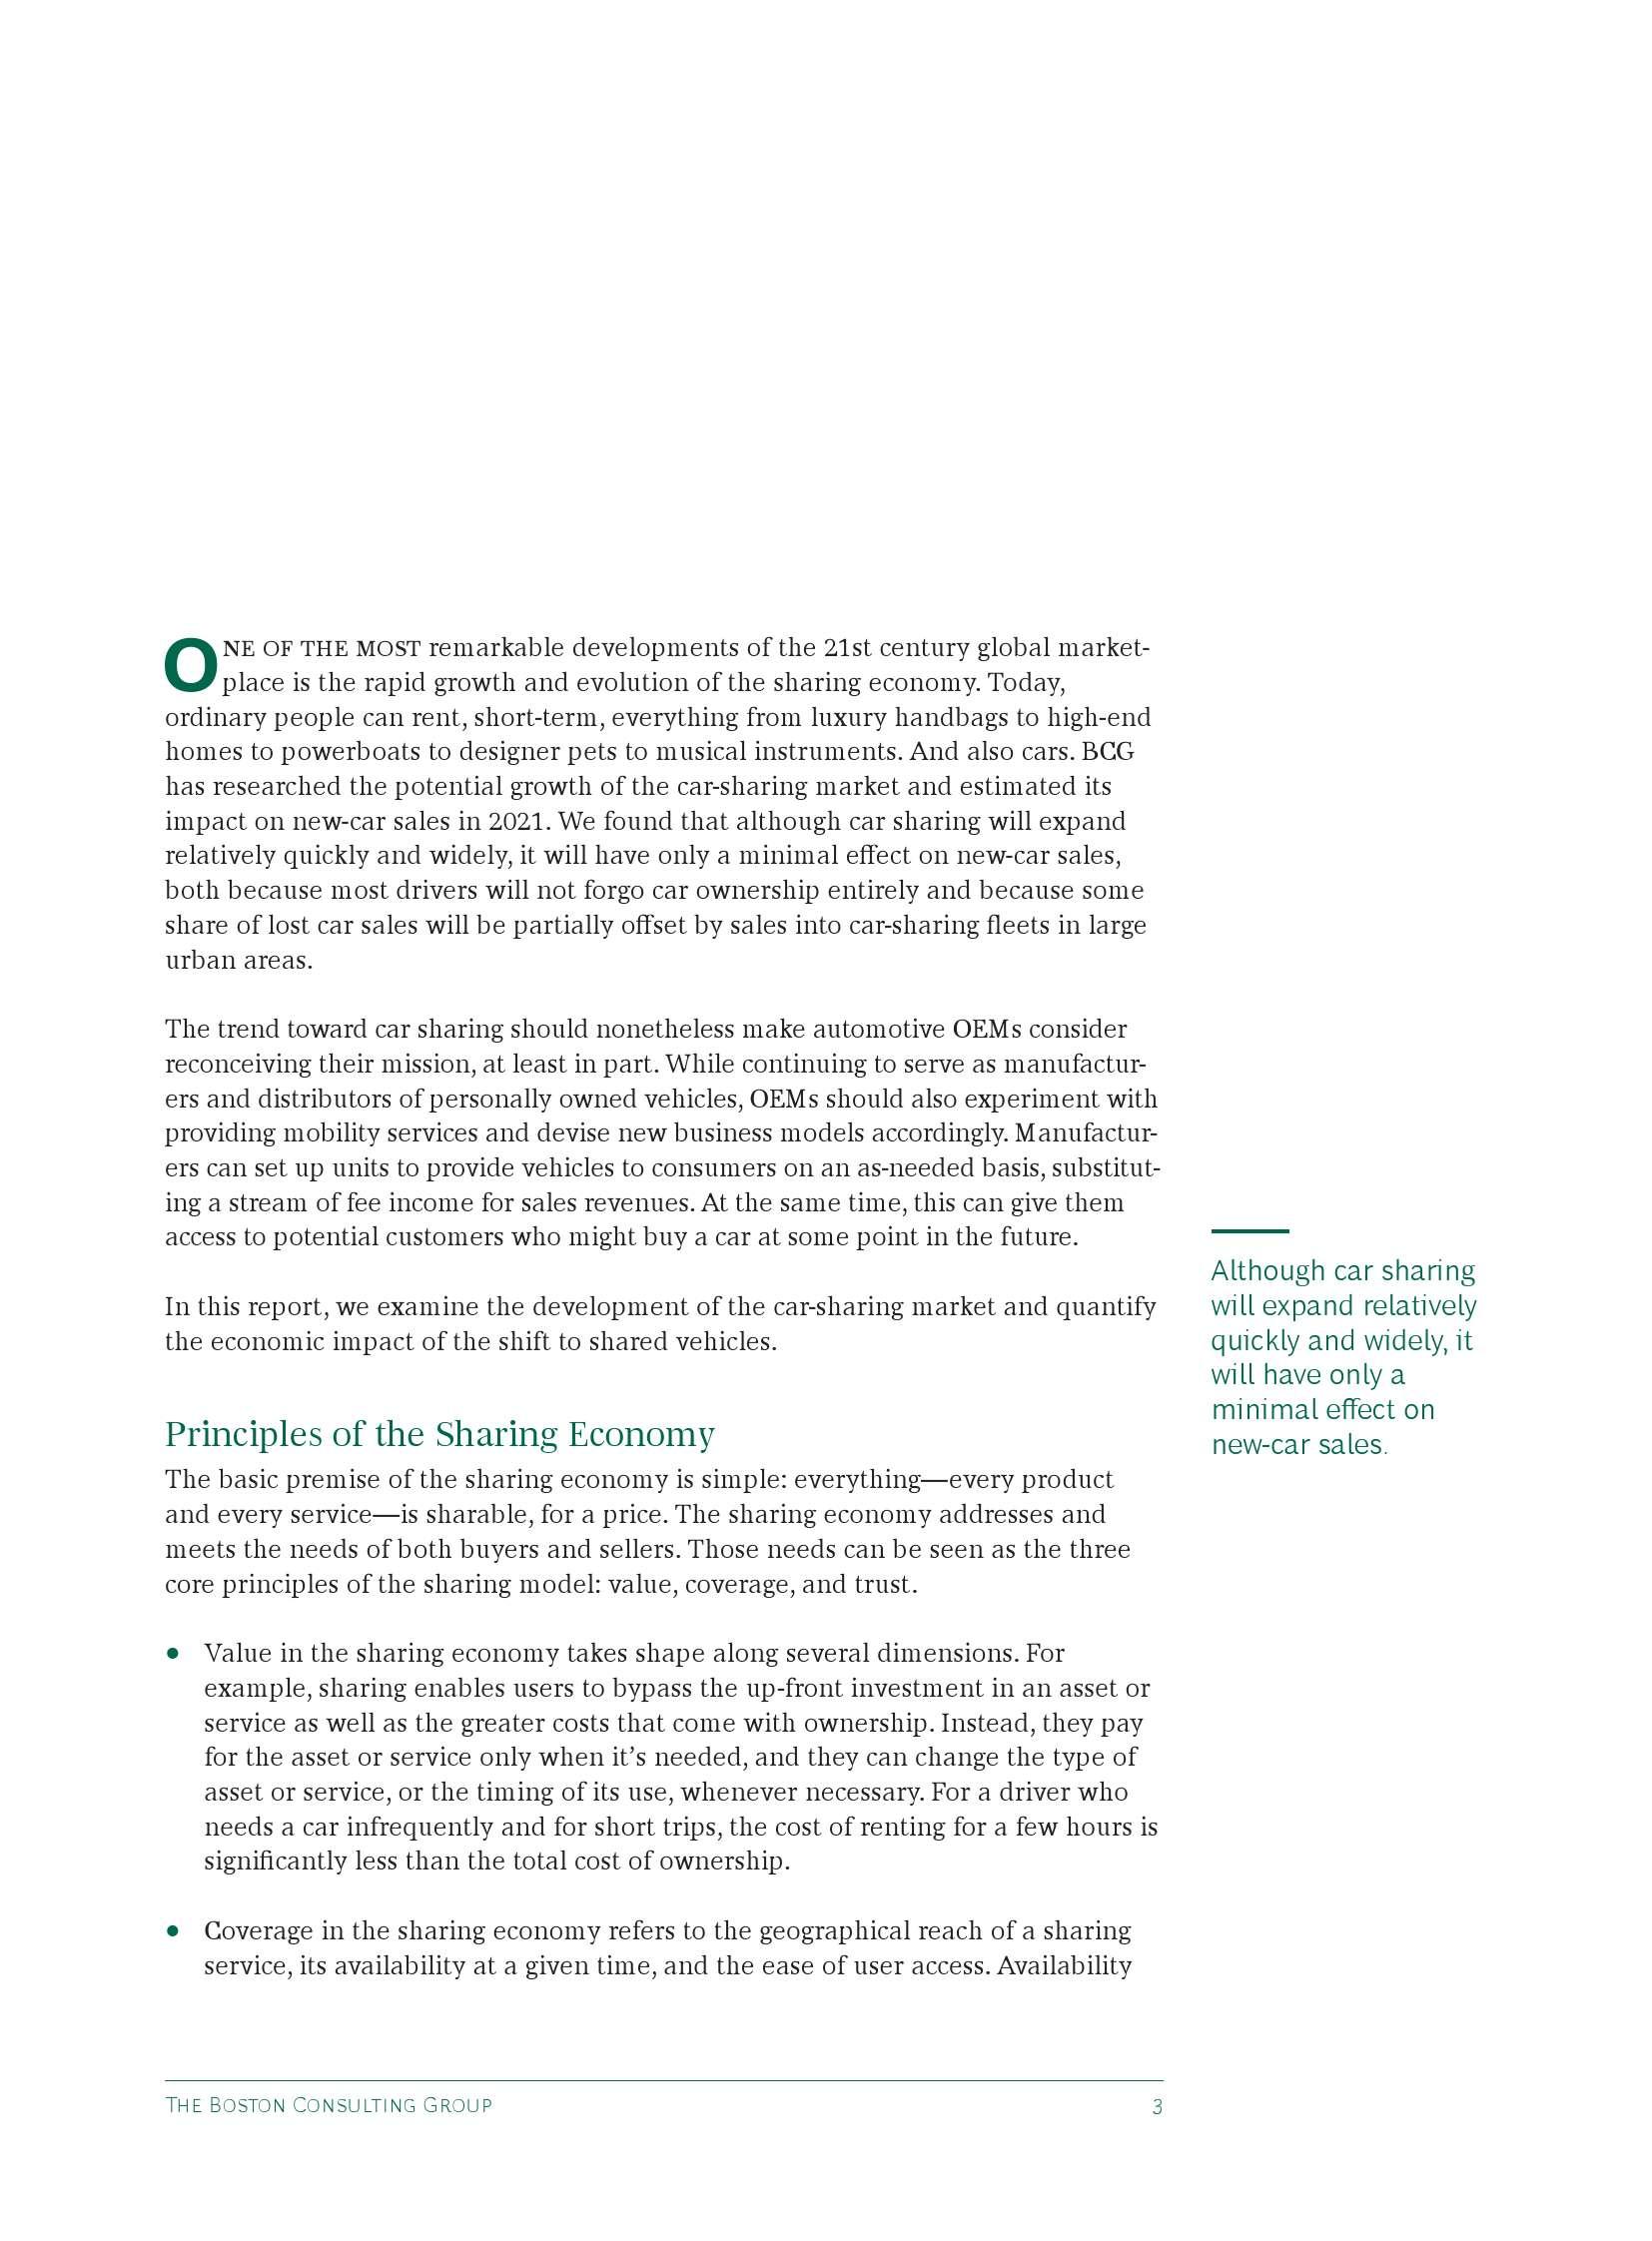 汽车共享新前景:新型出行方式对汽车销量的影响_000005